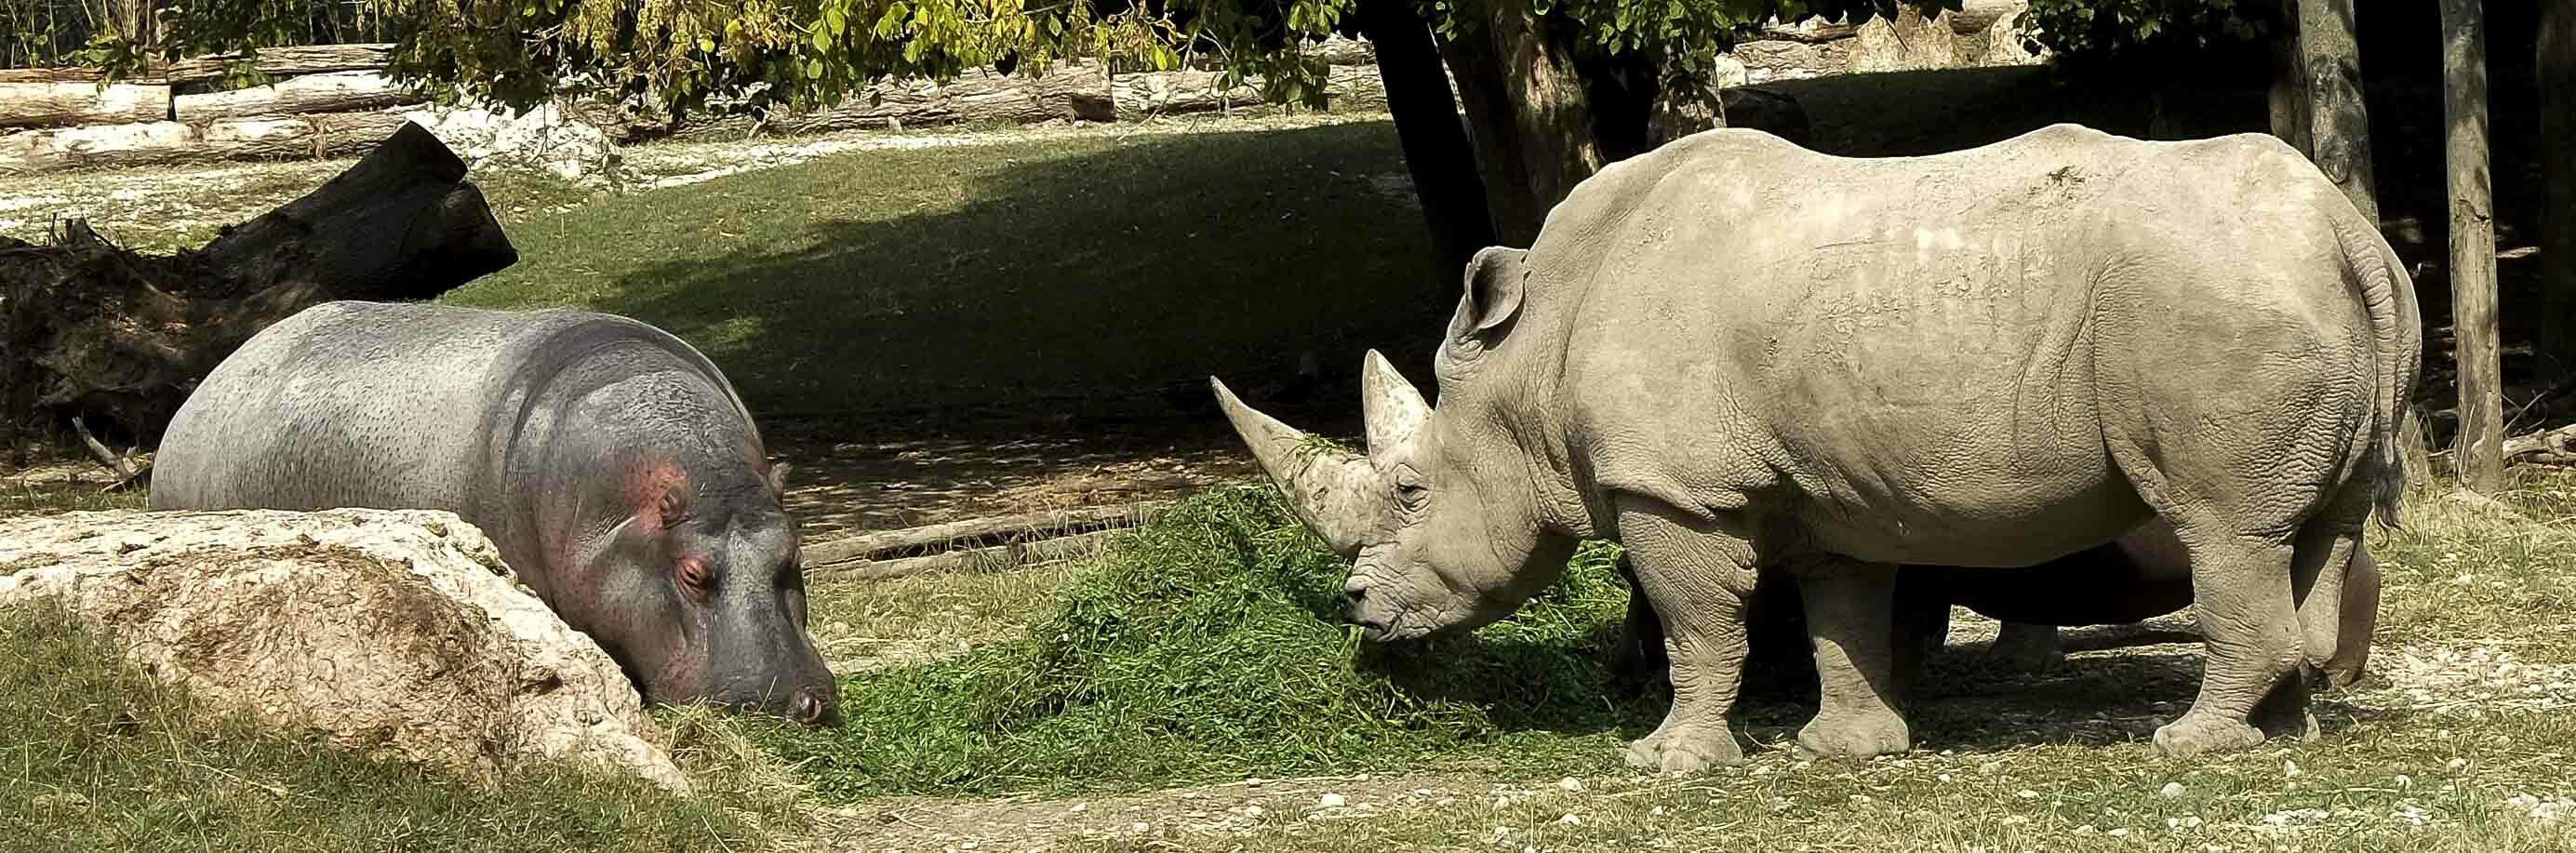 Rinoceronte al Parco Natura Viva